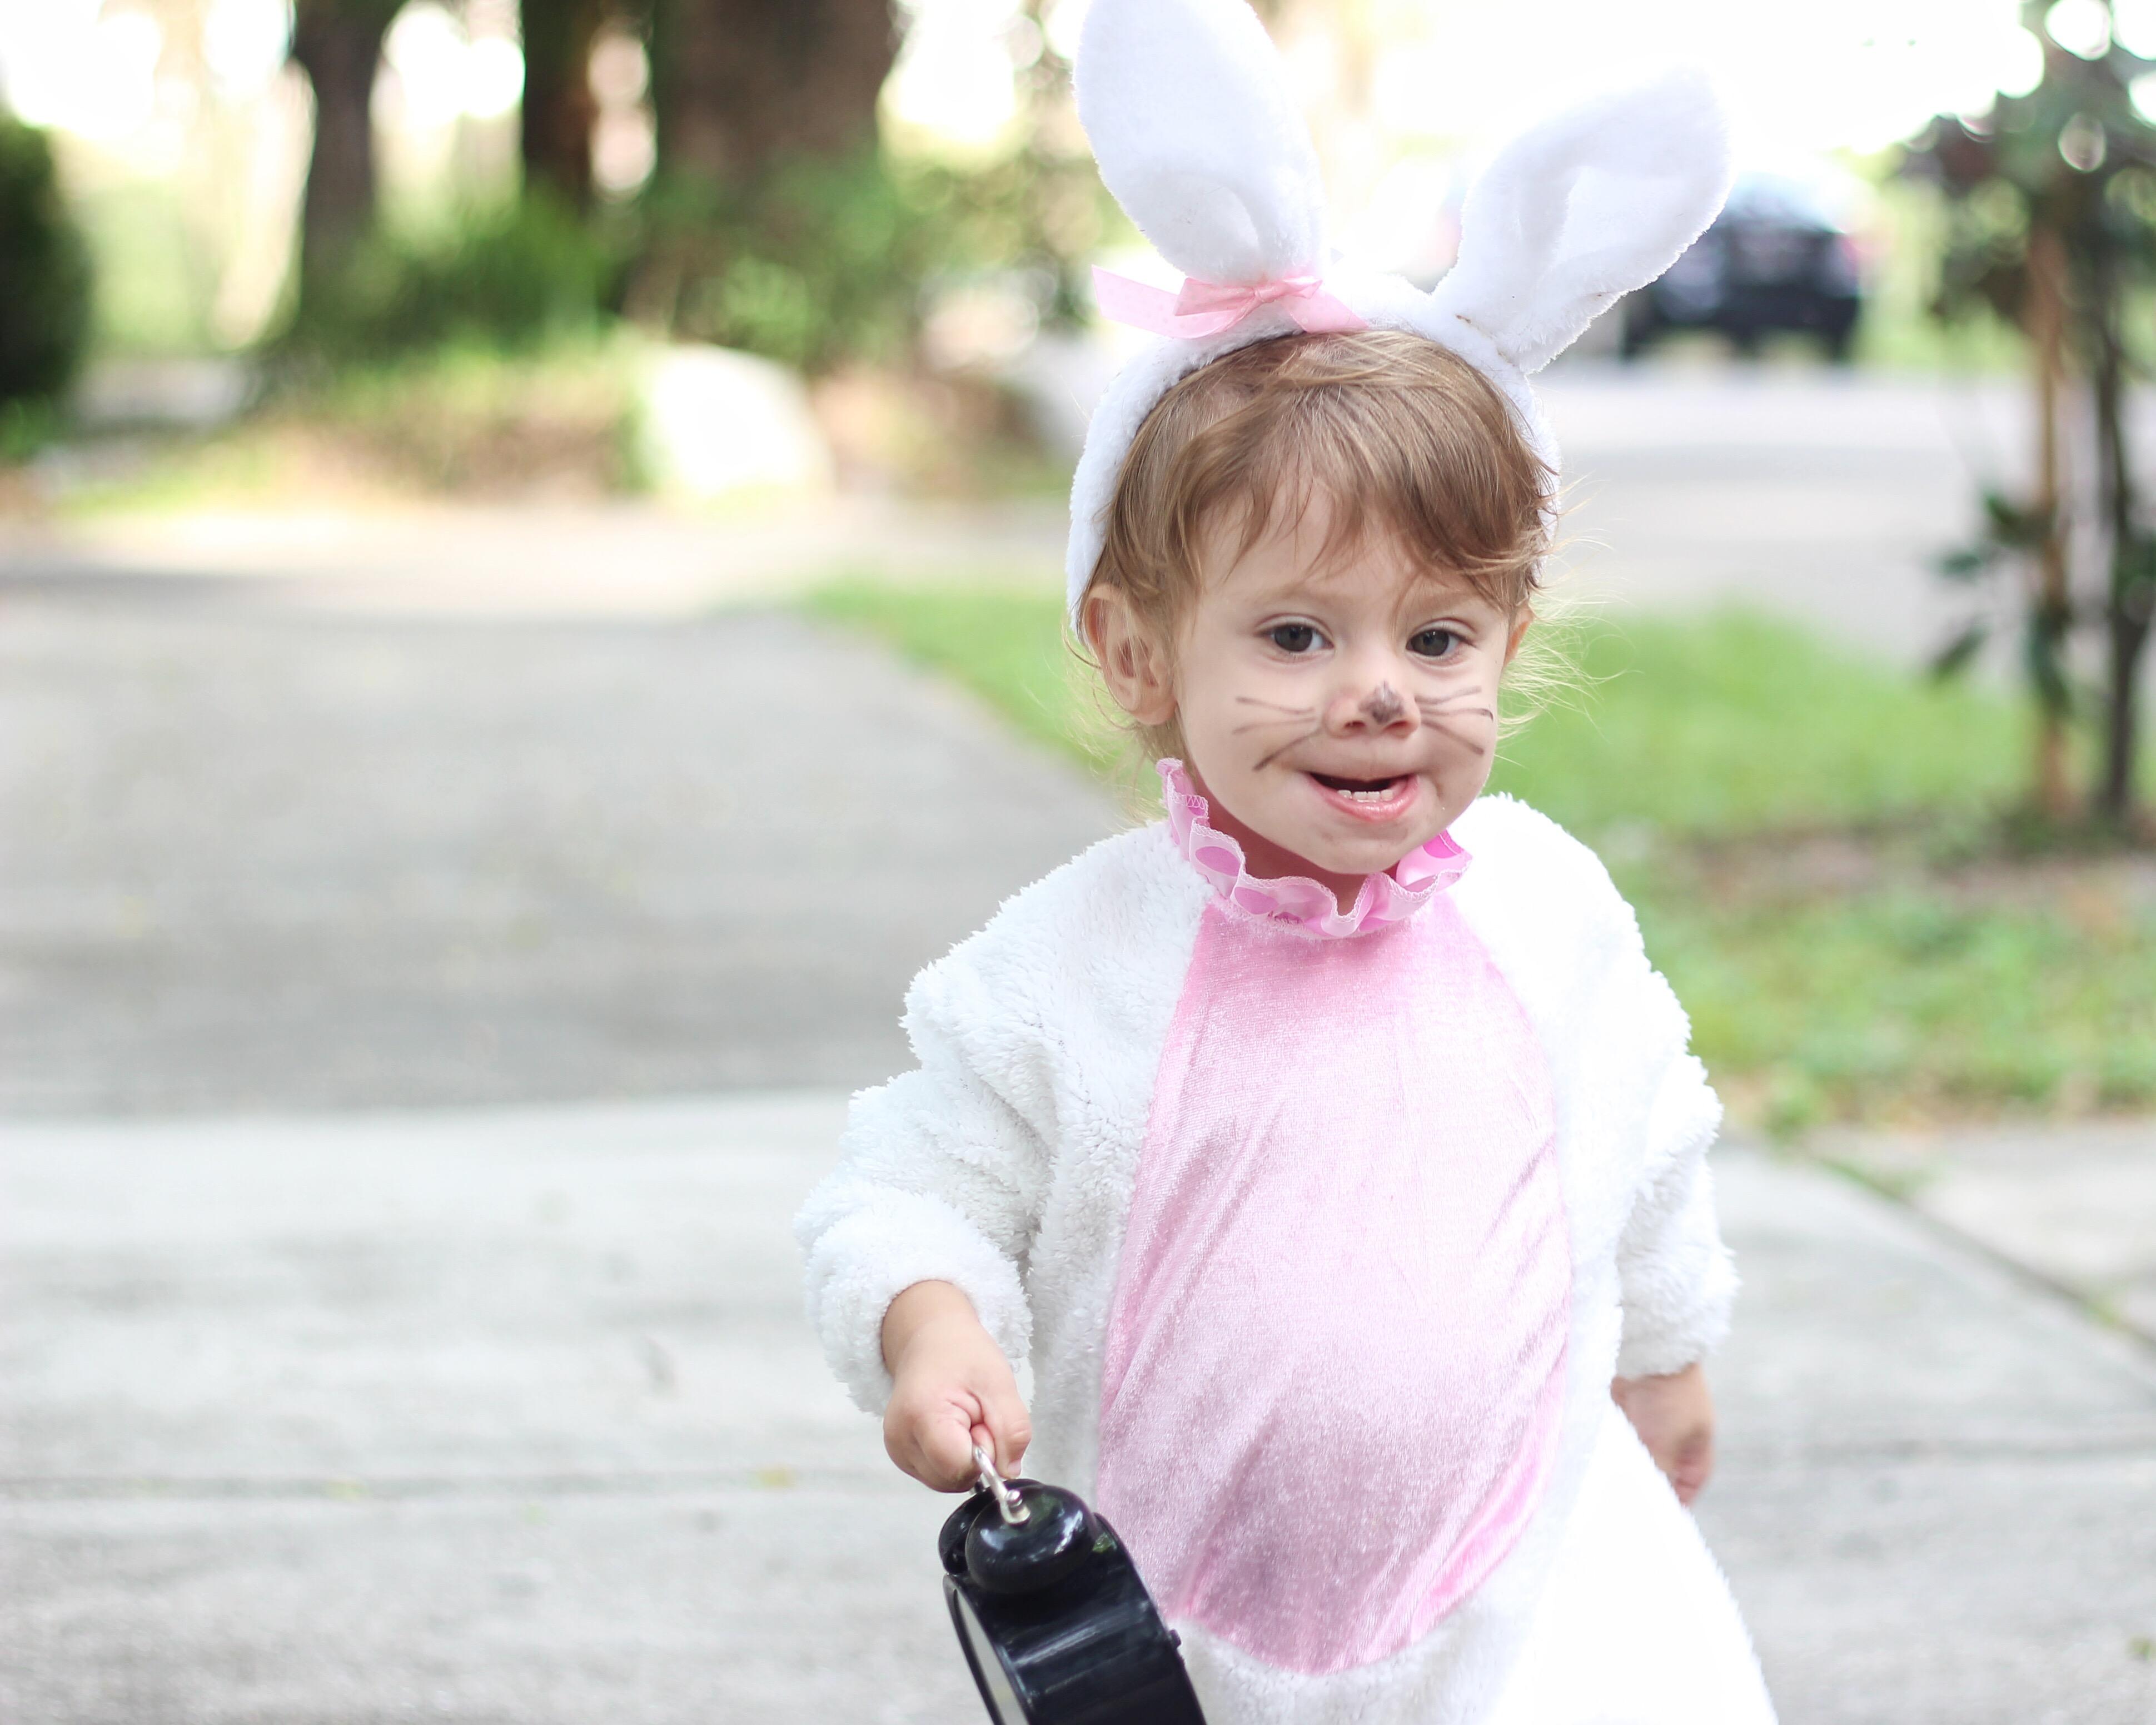 Little girl white rabbit costume | Family Alice In Wonderland Costume